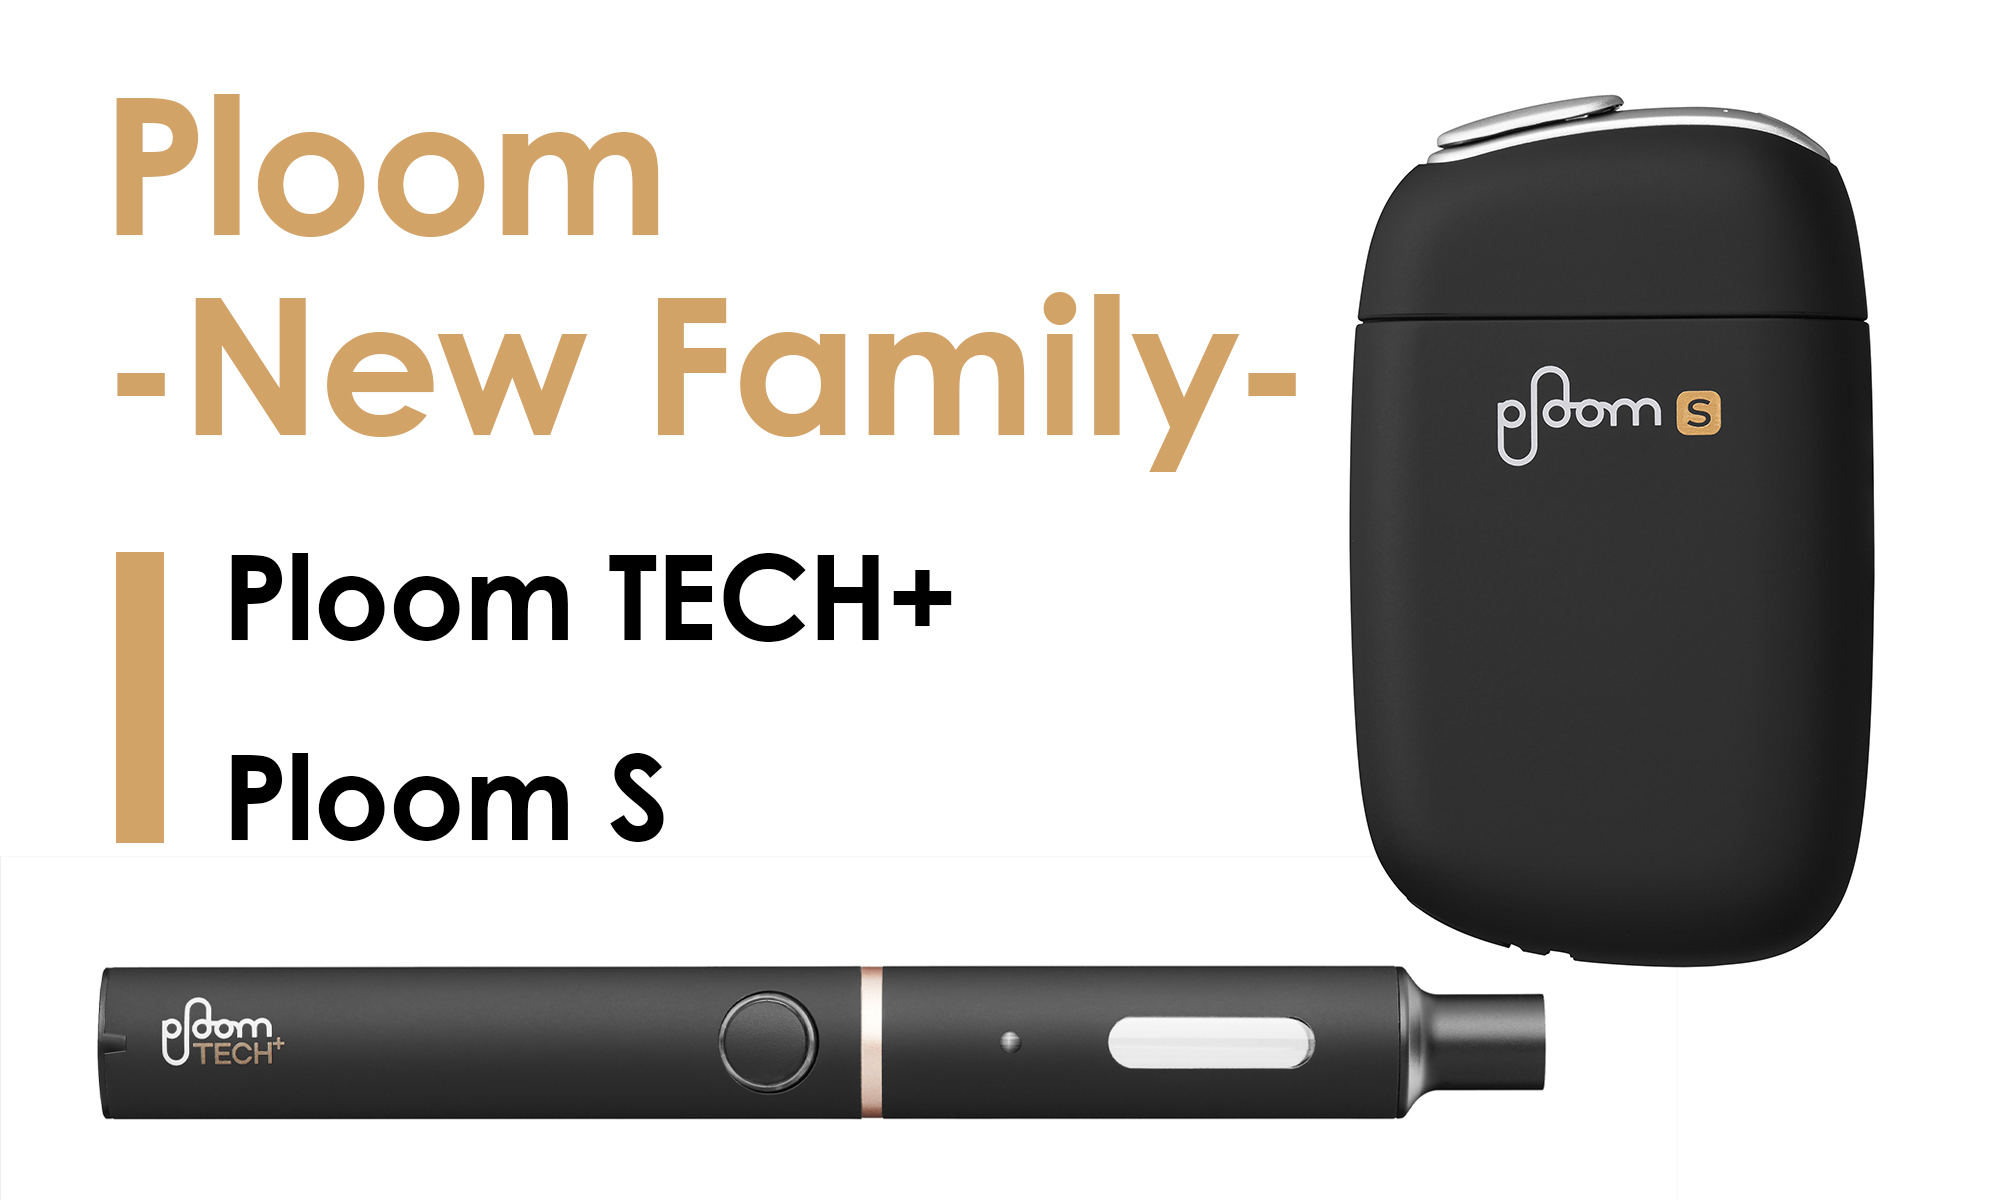 新たに2つの注目アイテムが加入! Ploom -New Family-